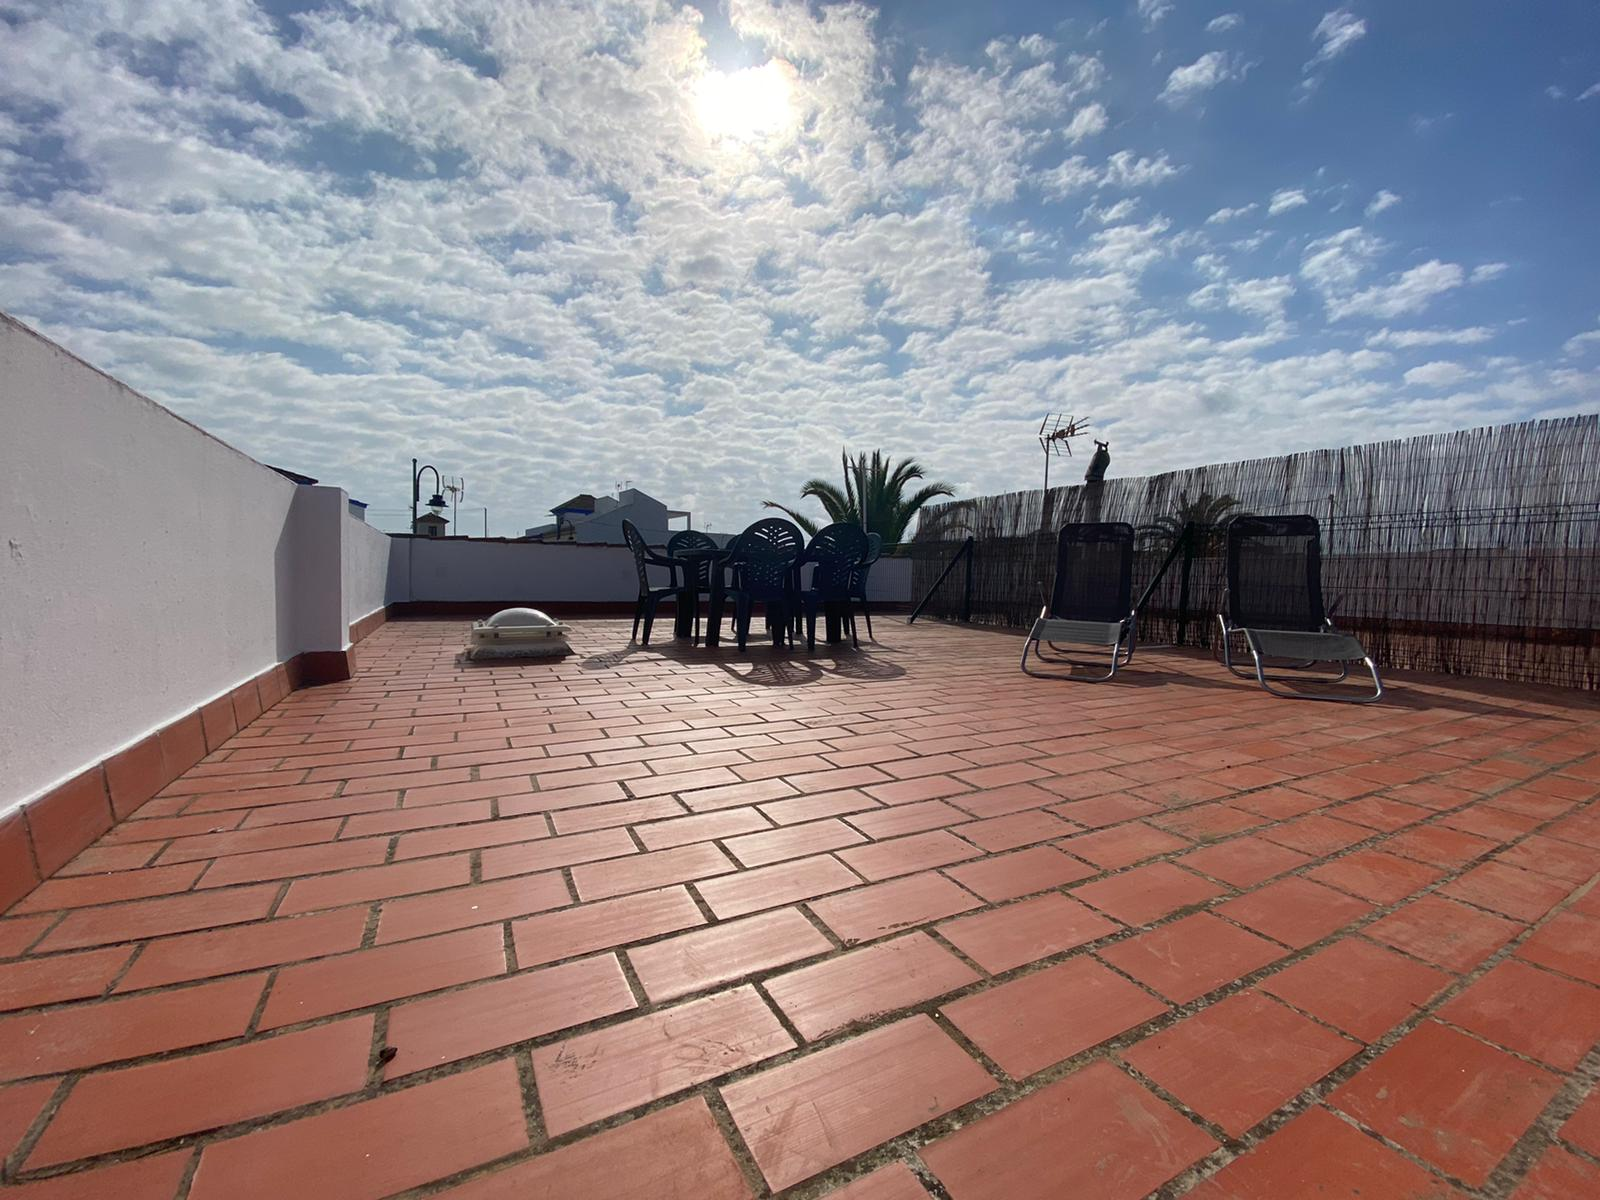 Imagen 32 del Vivienda Turística en Pueblo Marinero, (4d+2b), Punta del Moral (HUELVA), Avda. de la Palmera s-n